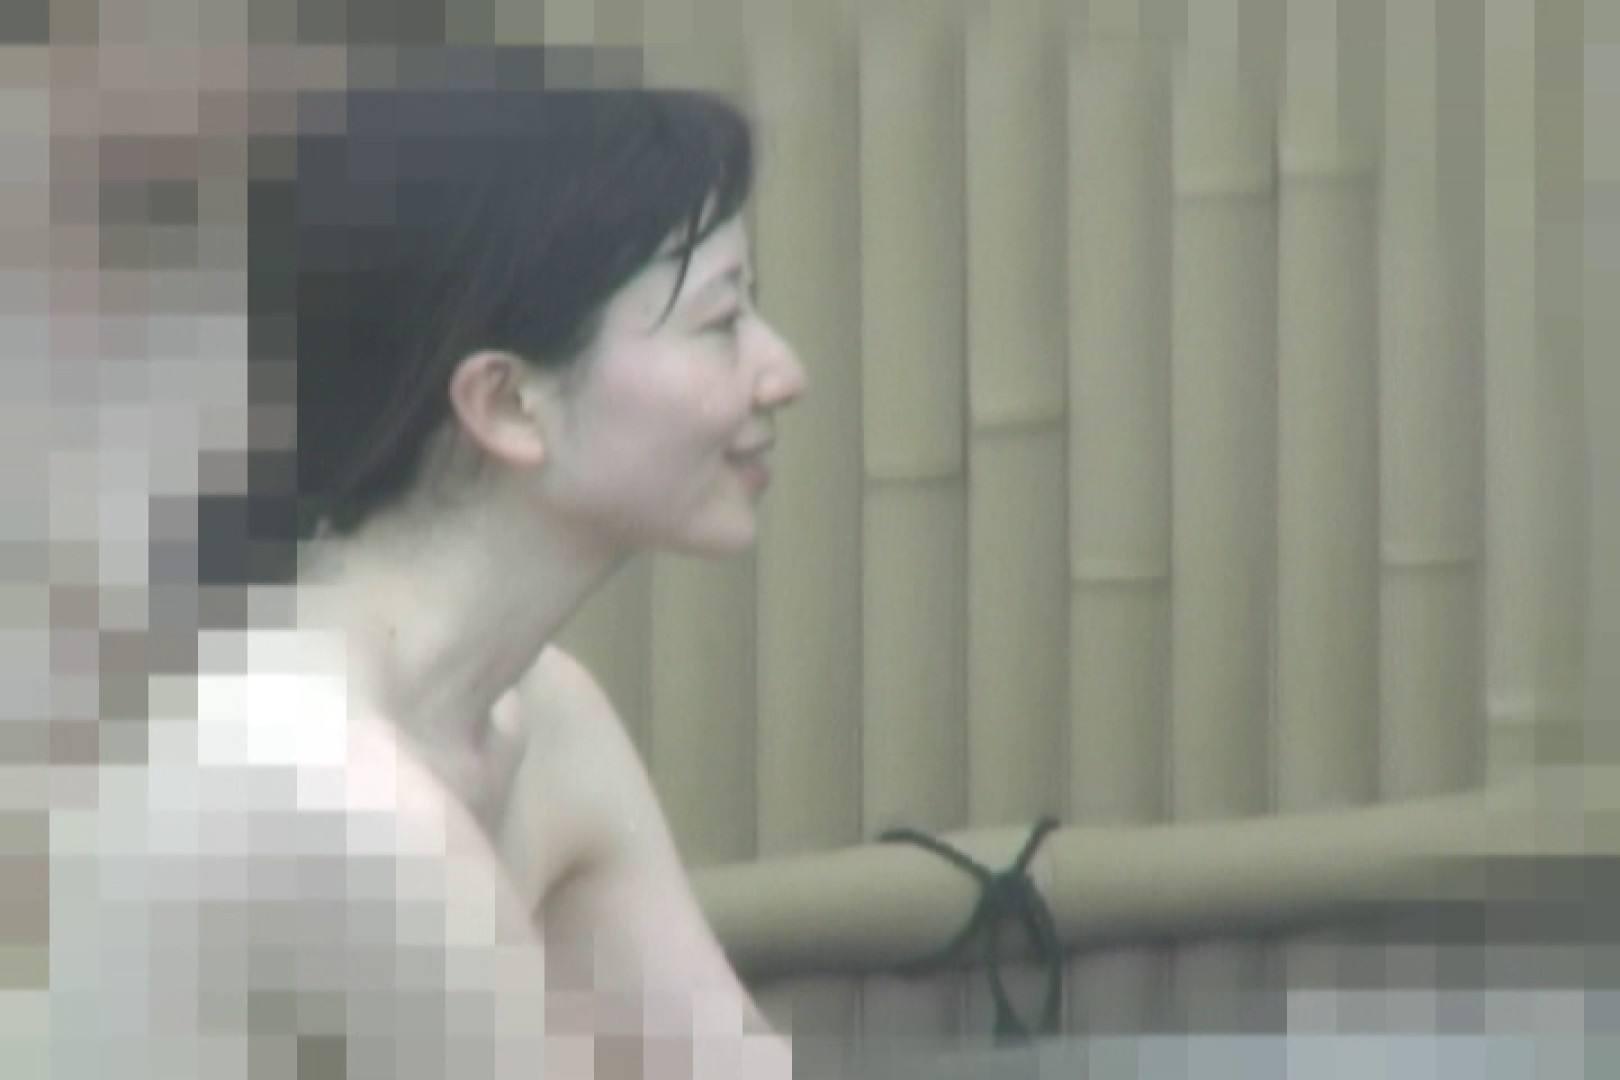 Aquaな露天風呂Vol.835 盗撮   OLのエロ生活  65連発 55